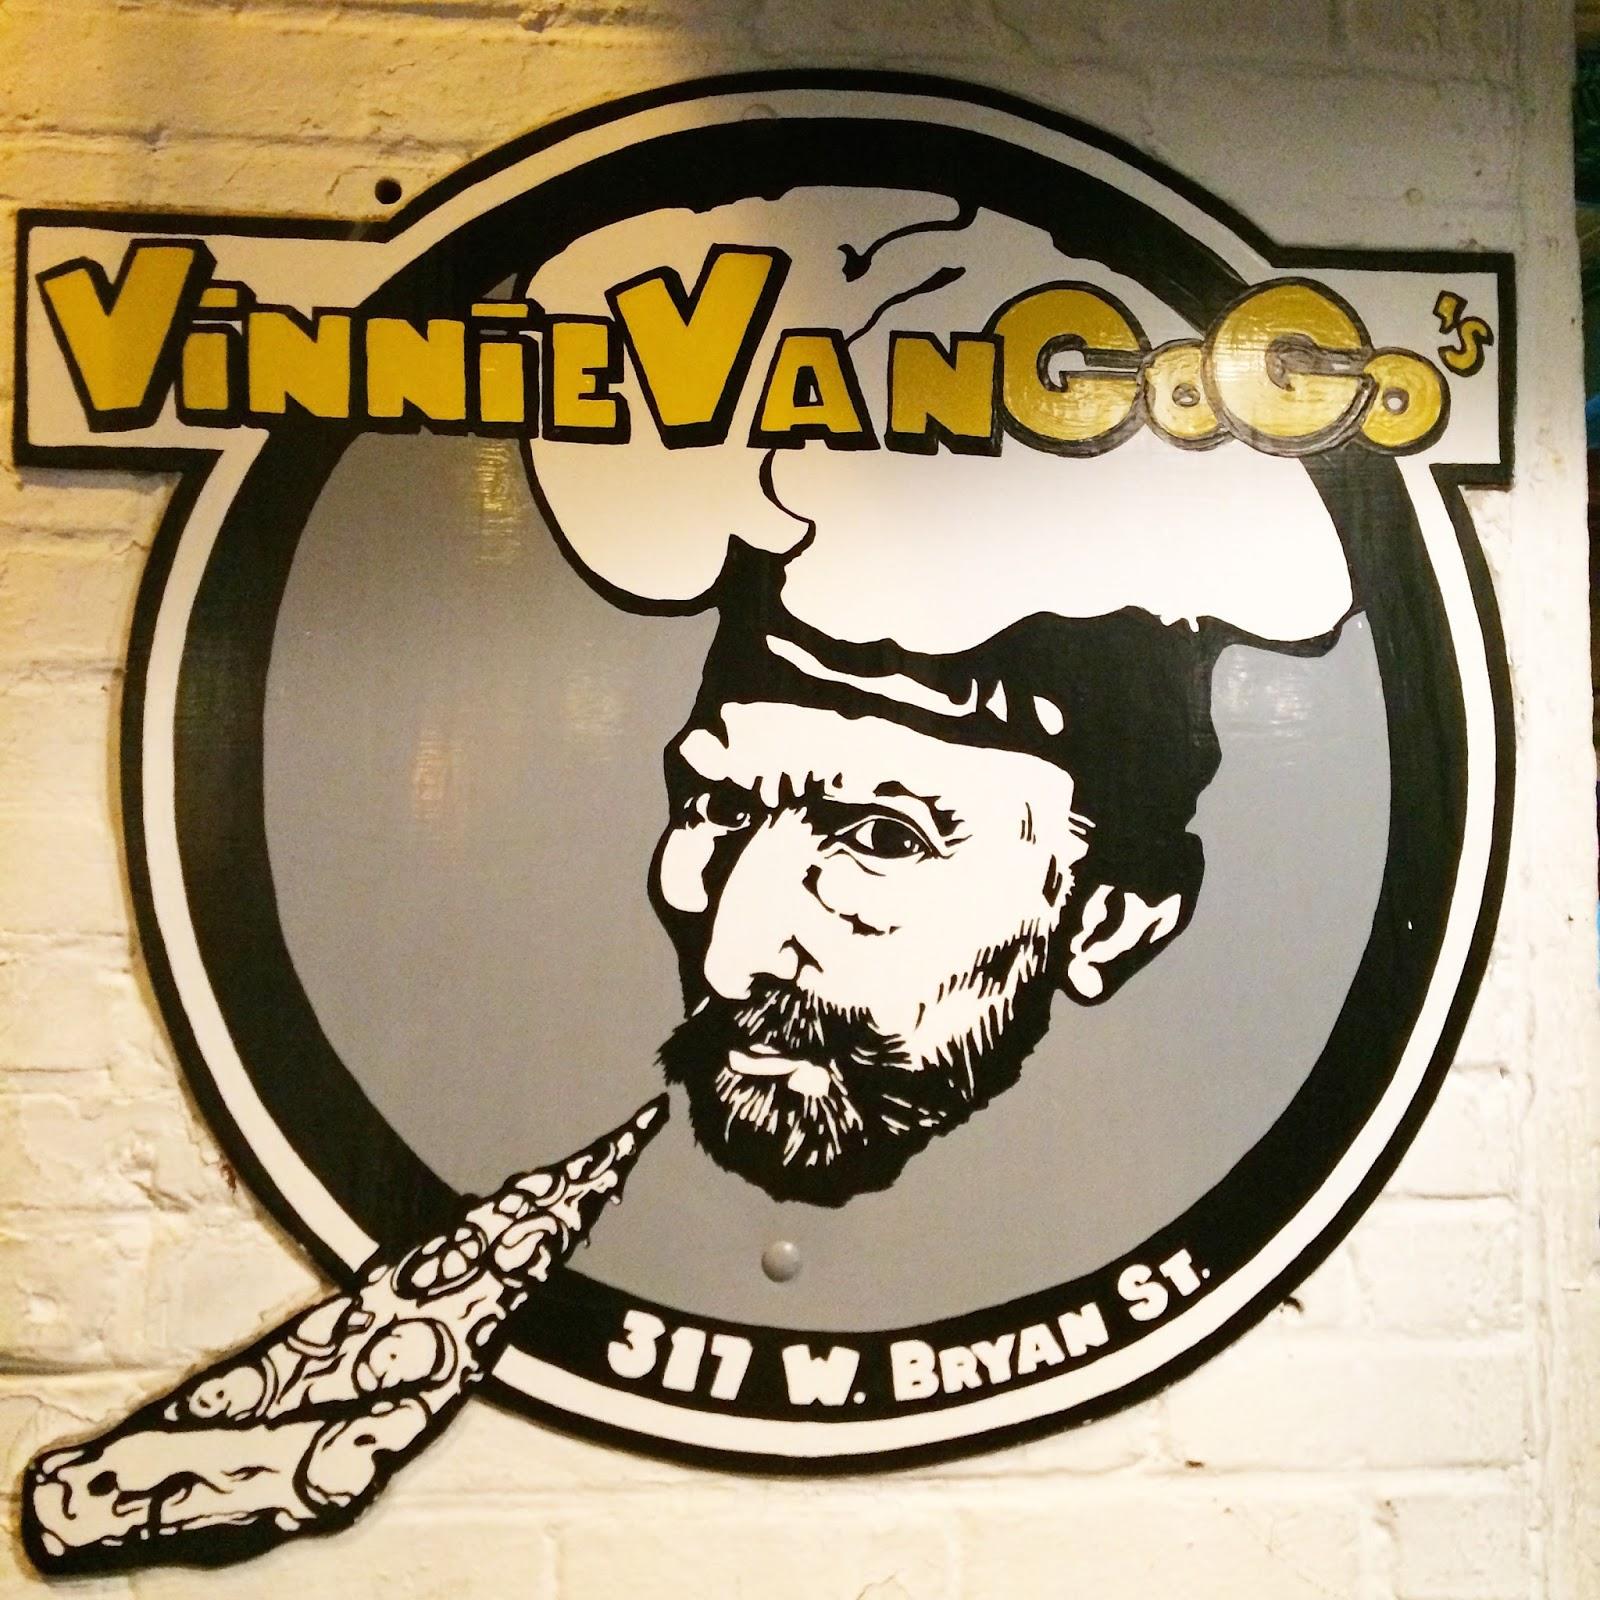 Vinnie VanGoGo's - Savannah, GA